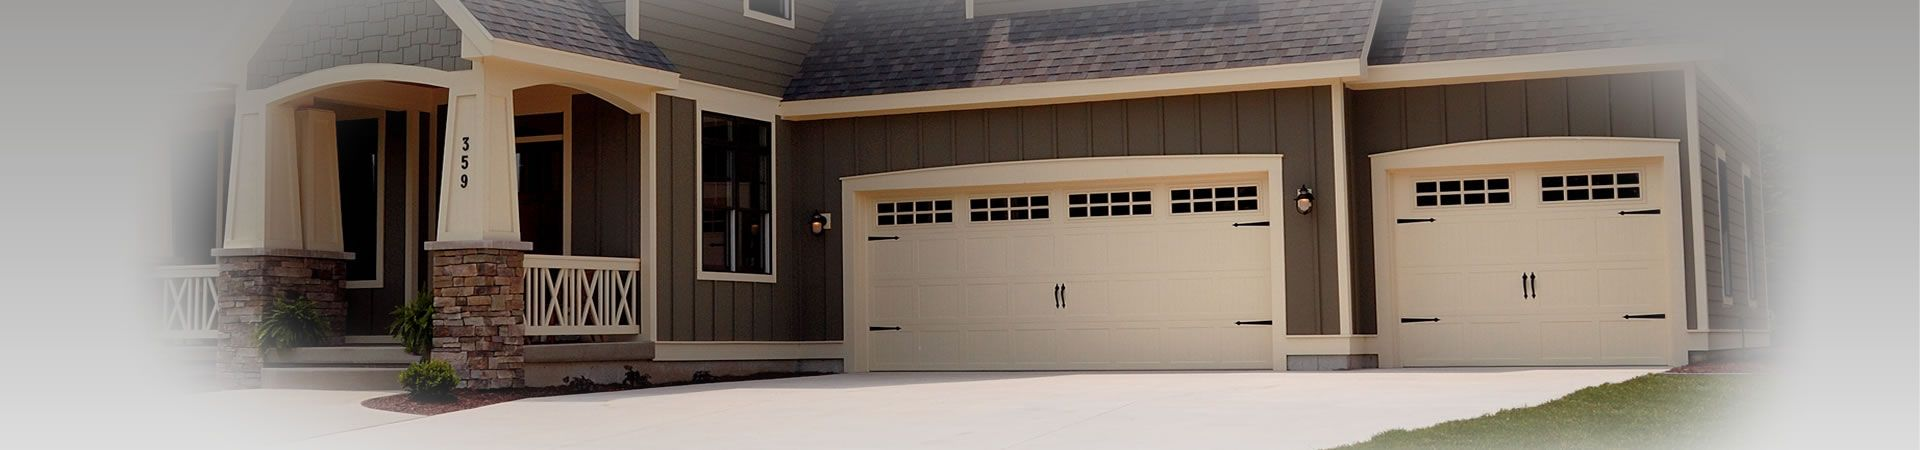 Garage Doors Sales Amp Repairs Kitchener Waterloo Cambridge